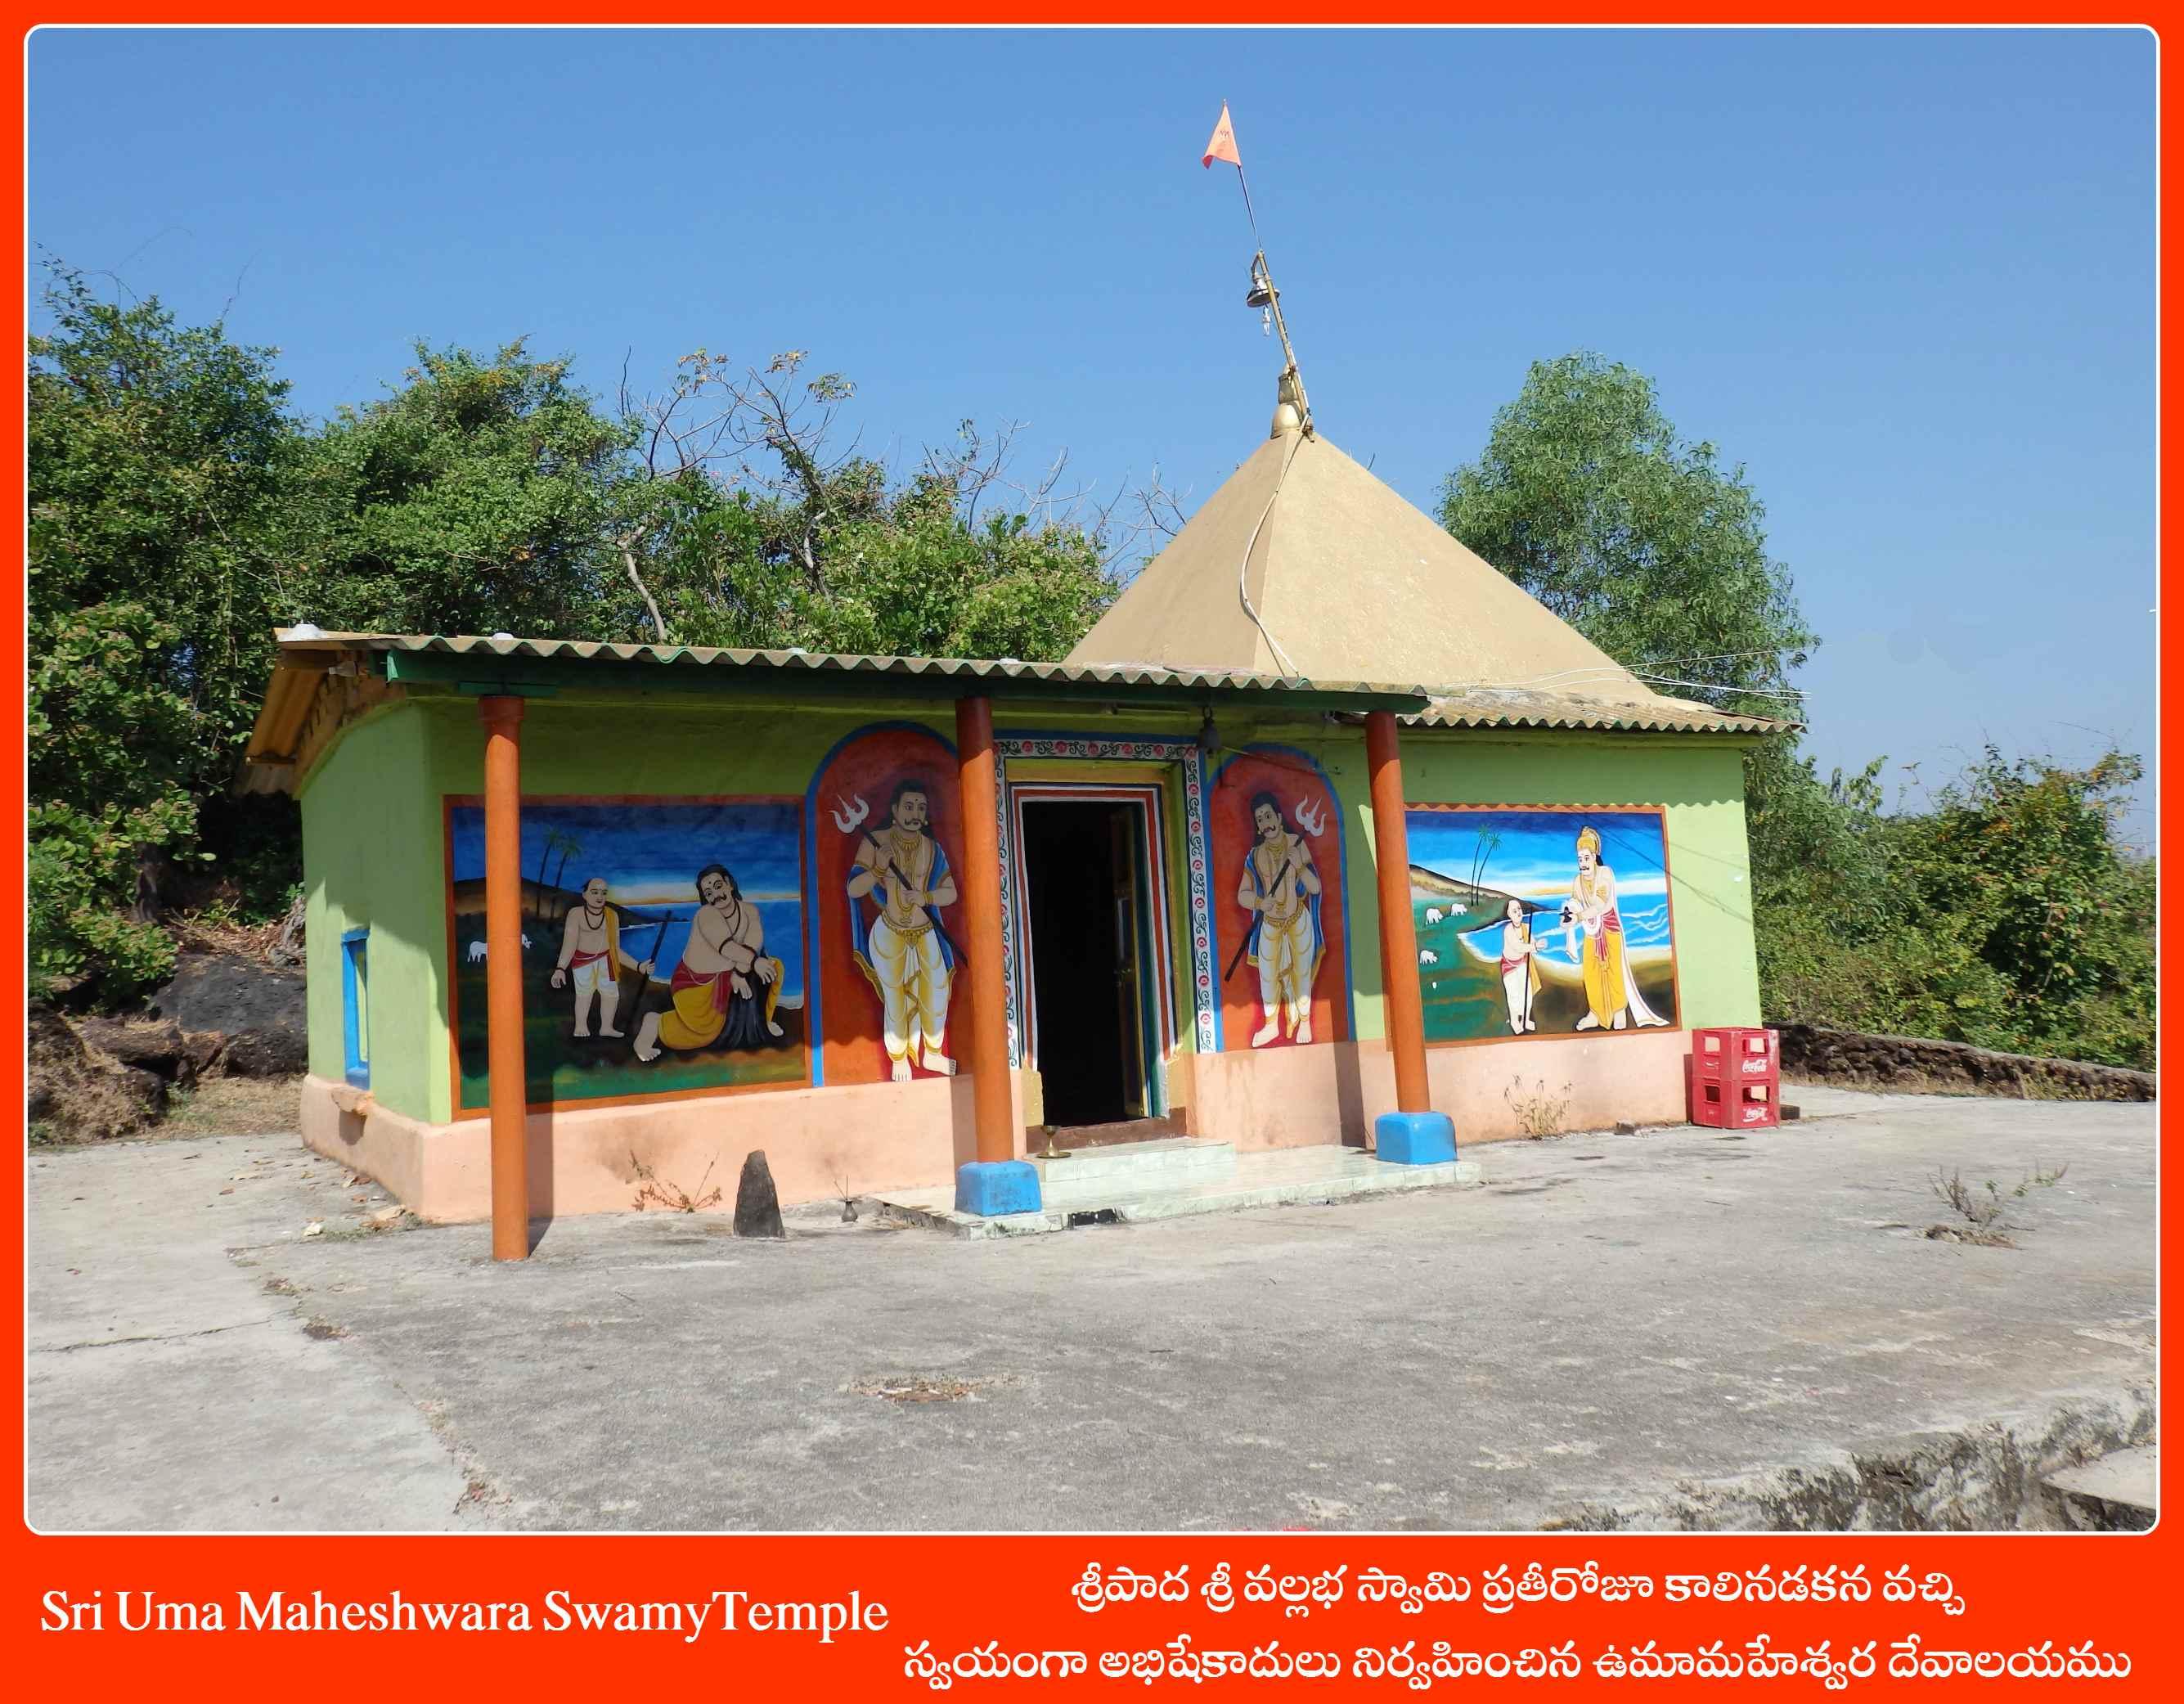 Sri Uma Maheshwara SwamyTemple